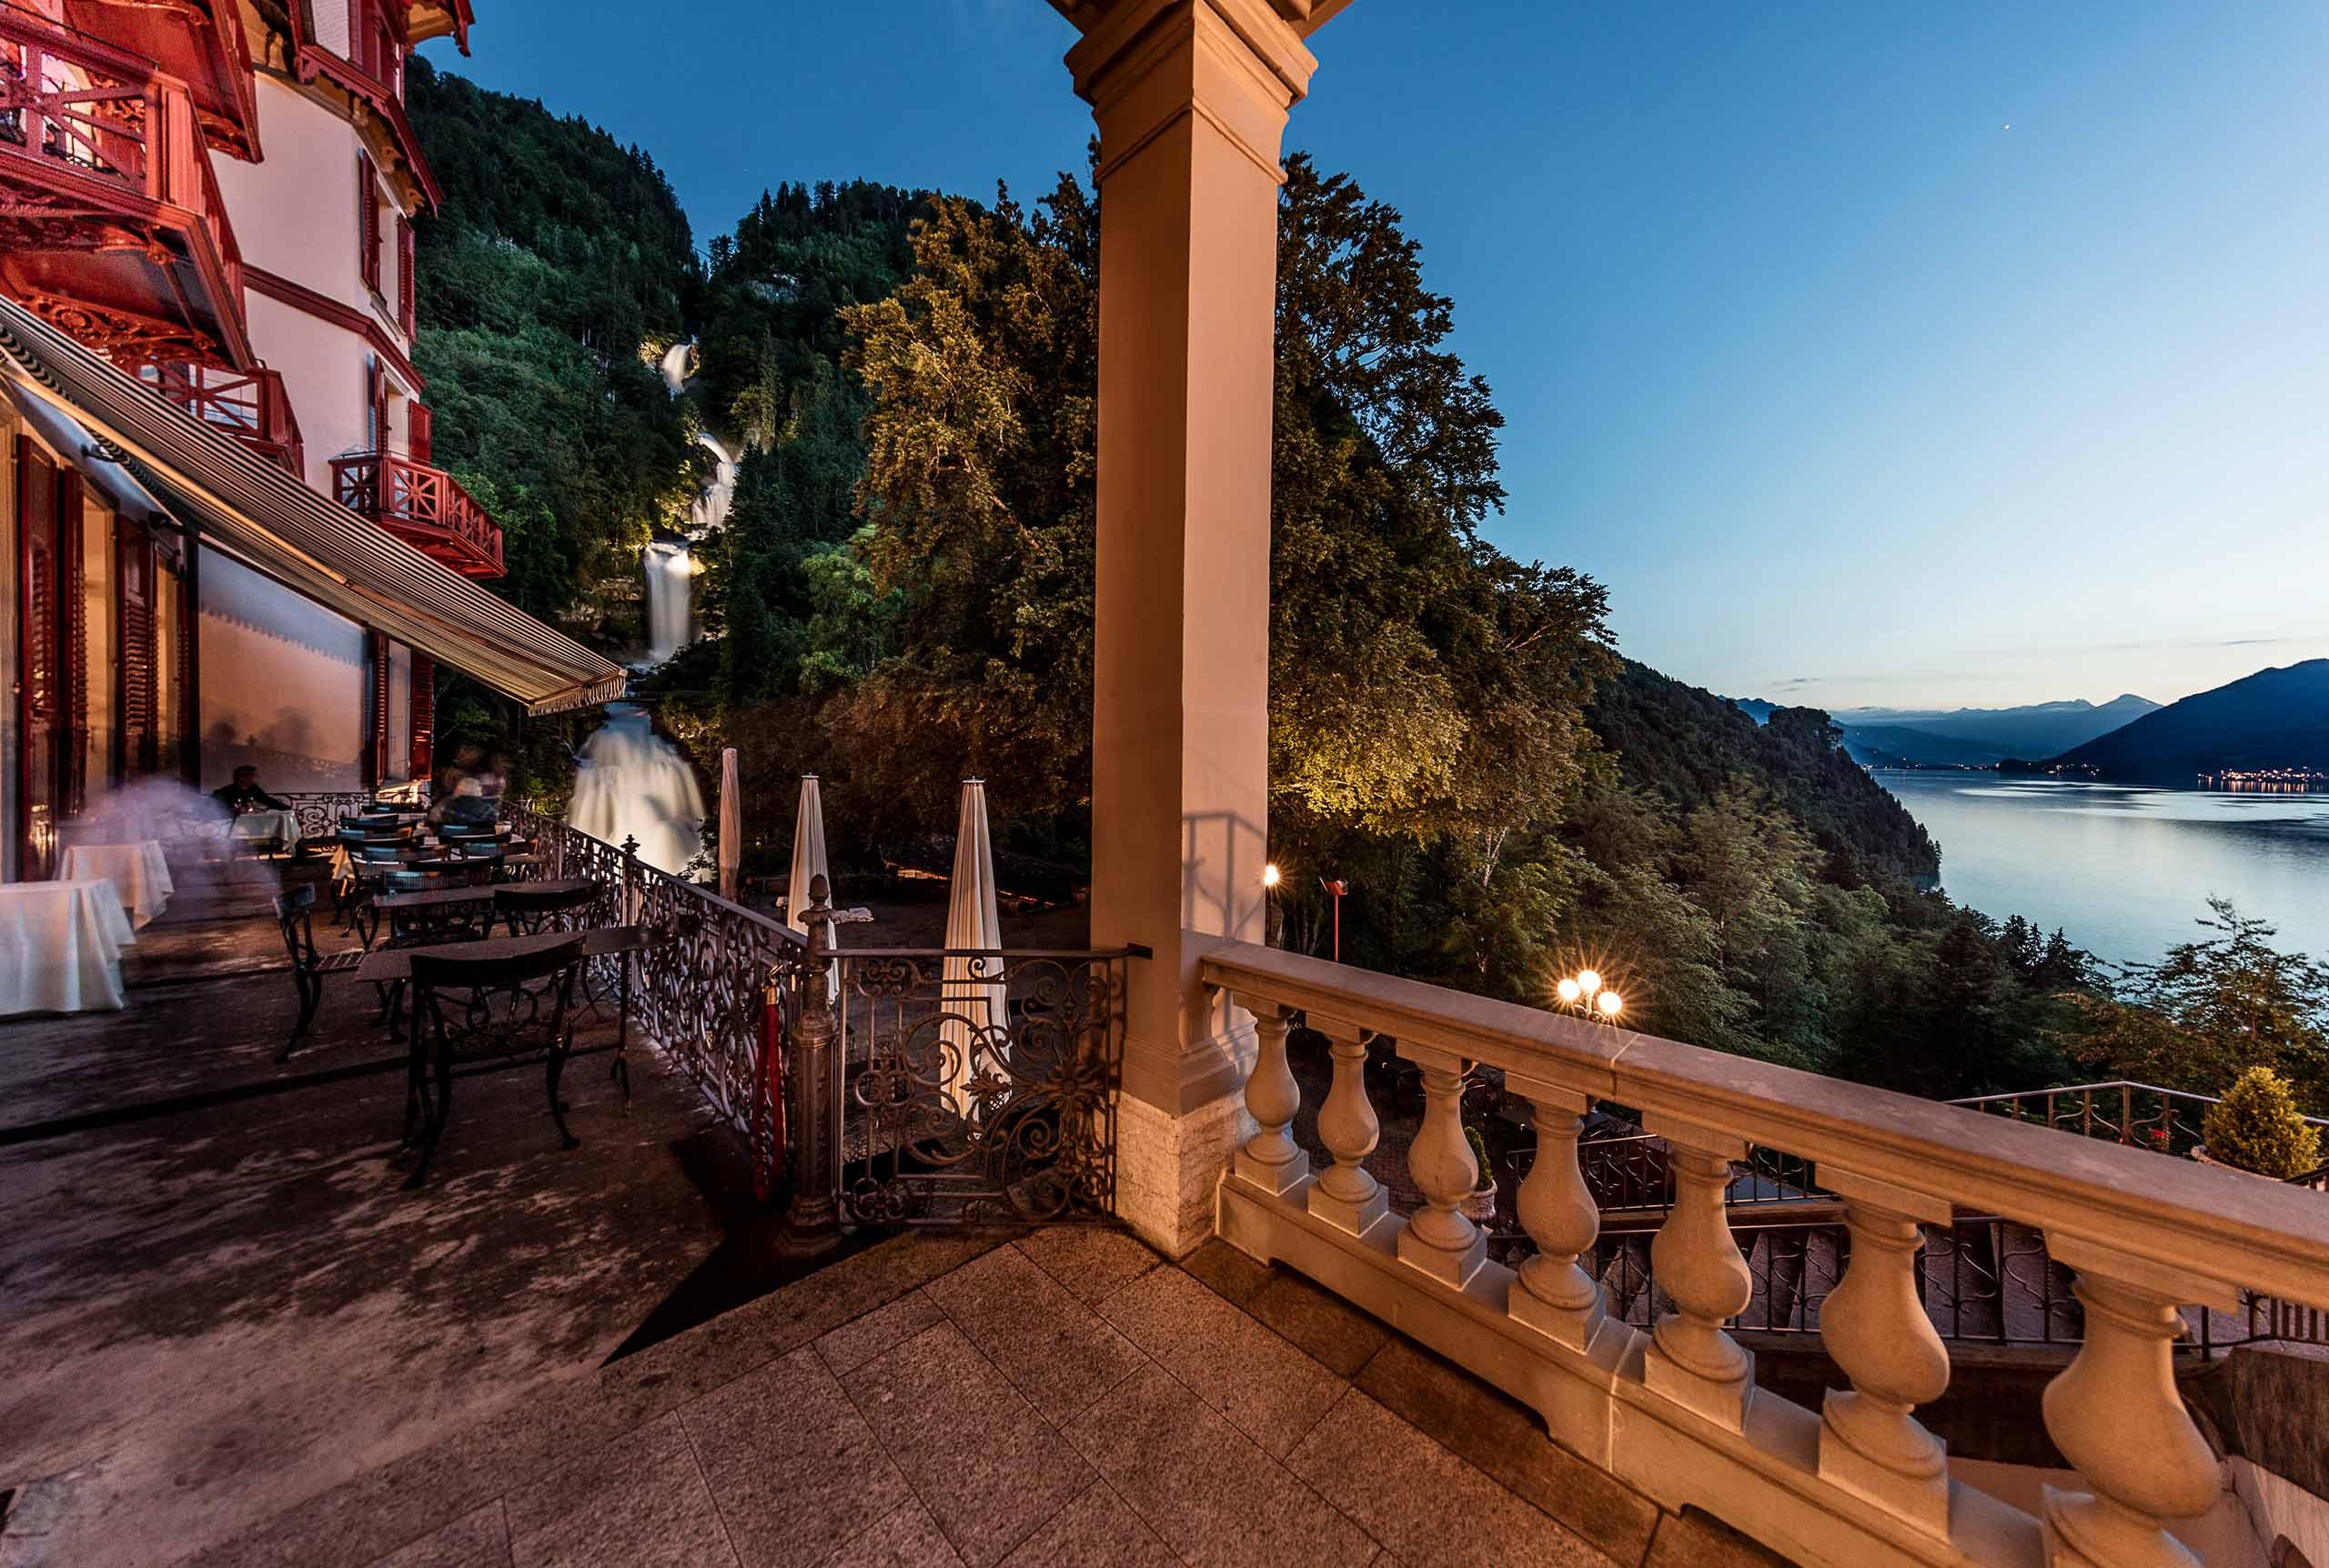 brienz-giessbach-wasserfaelle-grandhotel-terrasse